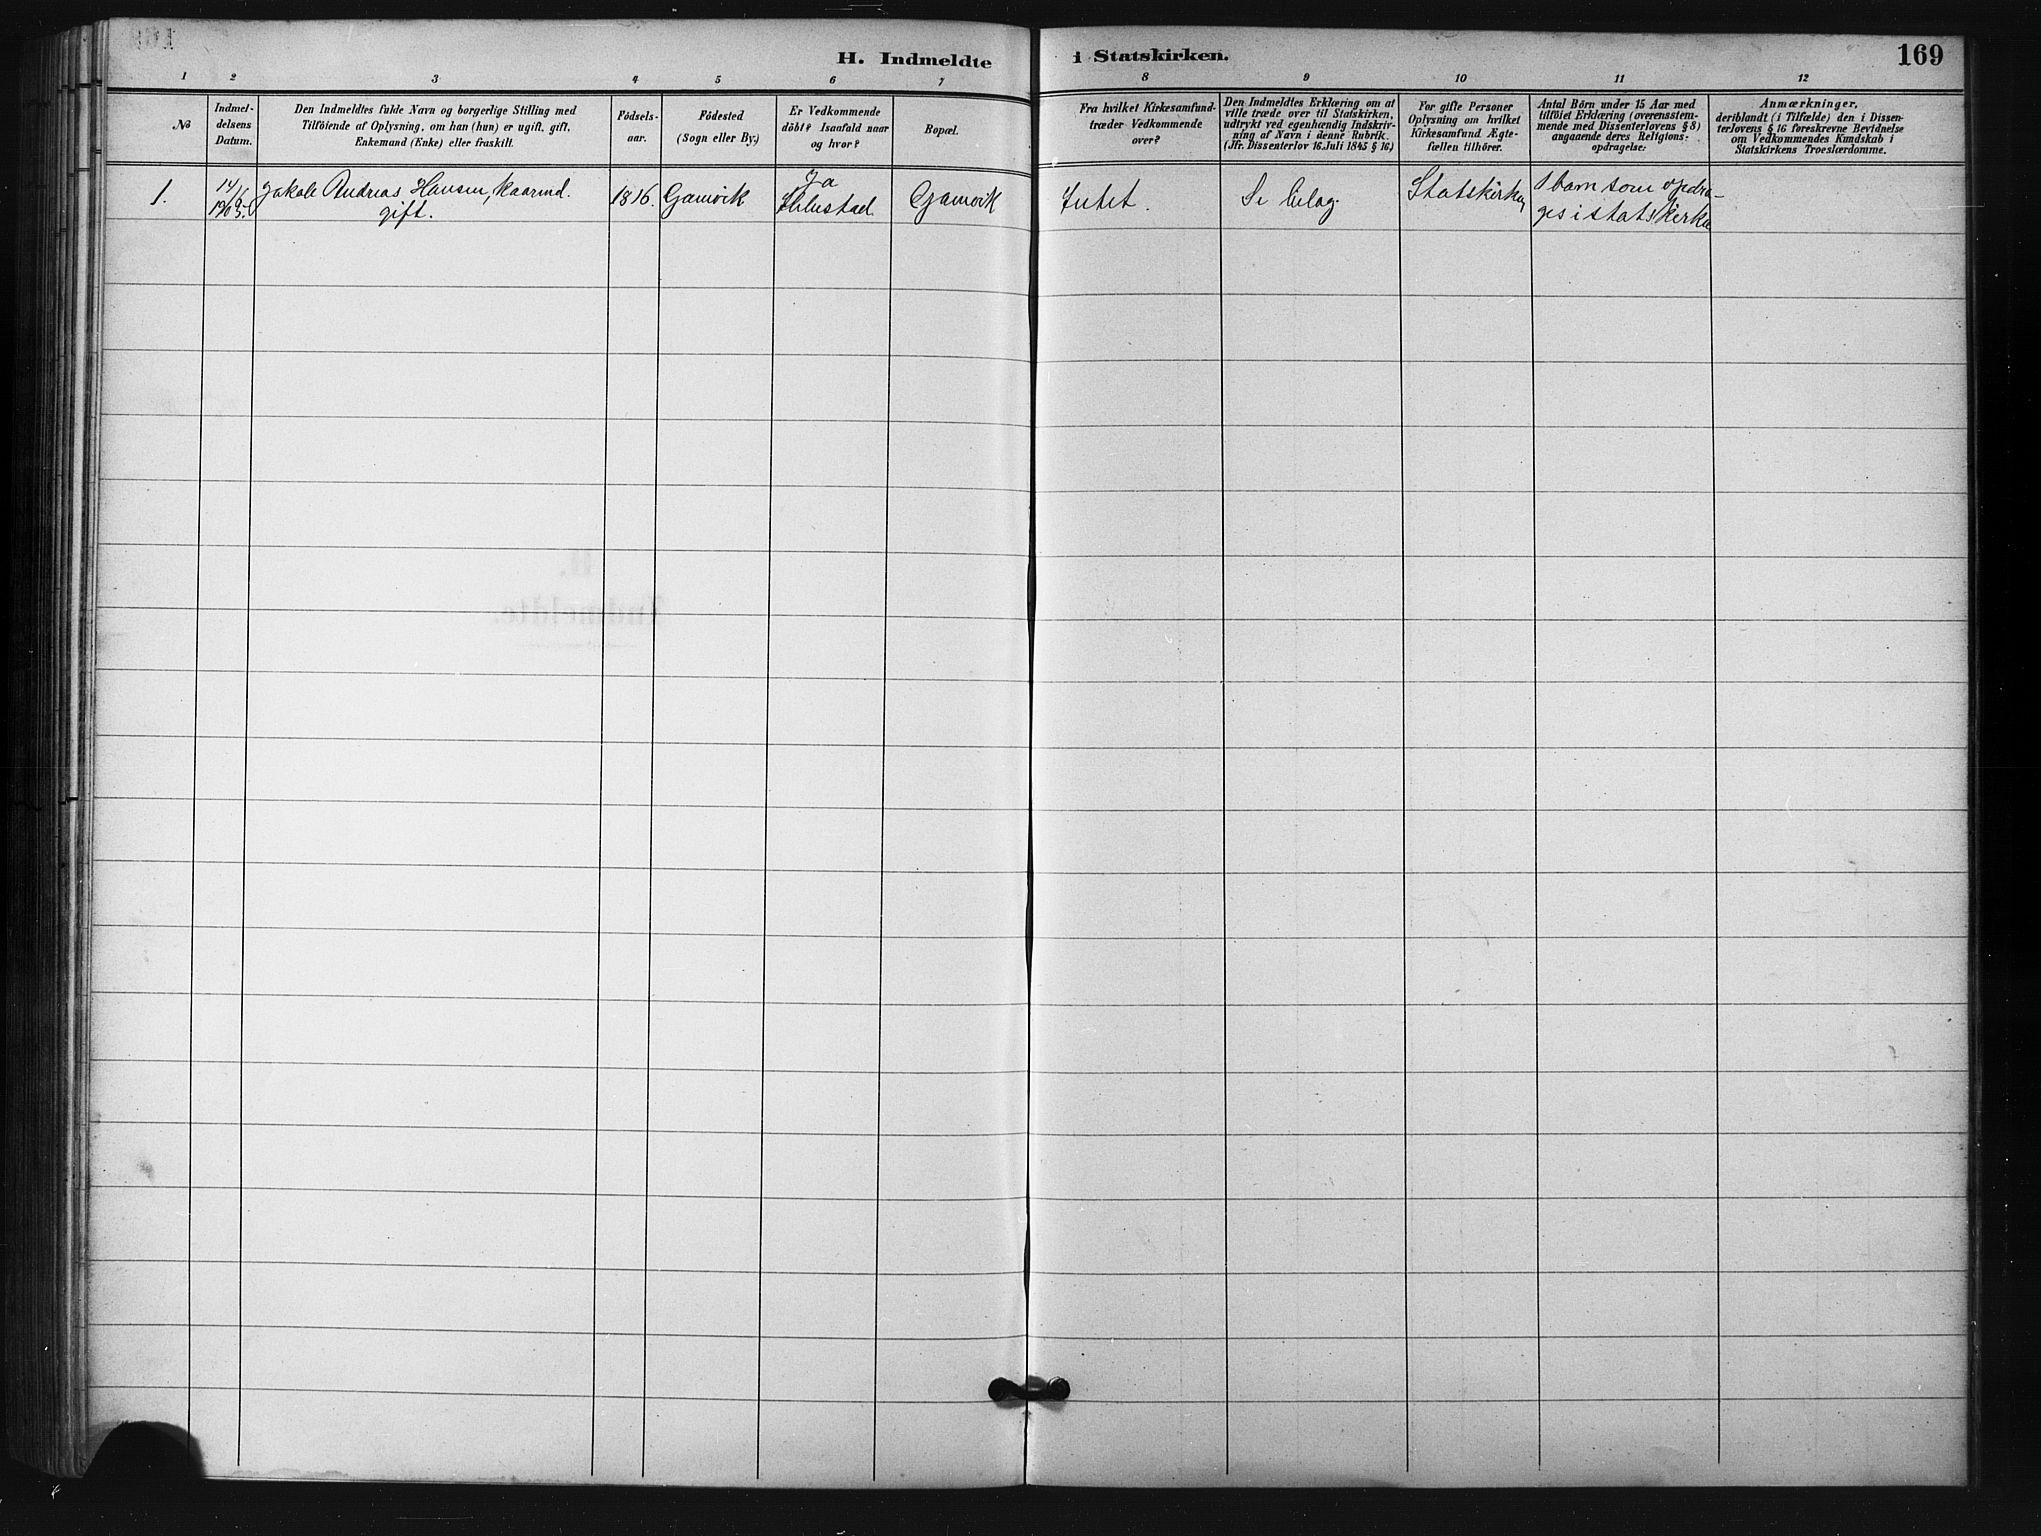 SATØ, Salangen sokneprestembete, H/Ha/L0001klokker: Klokkerbok nr. 1, 1893-1910, s. 169